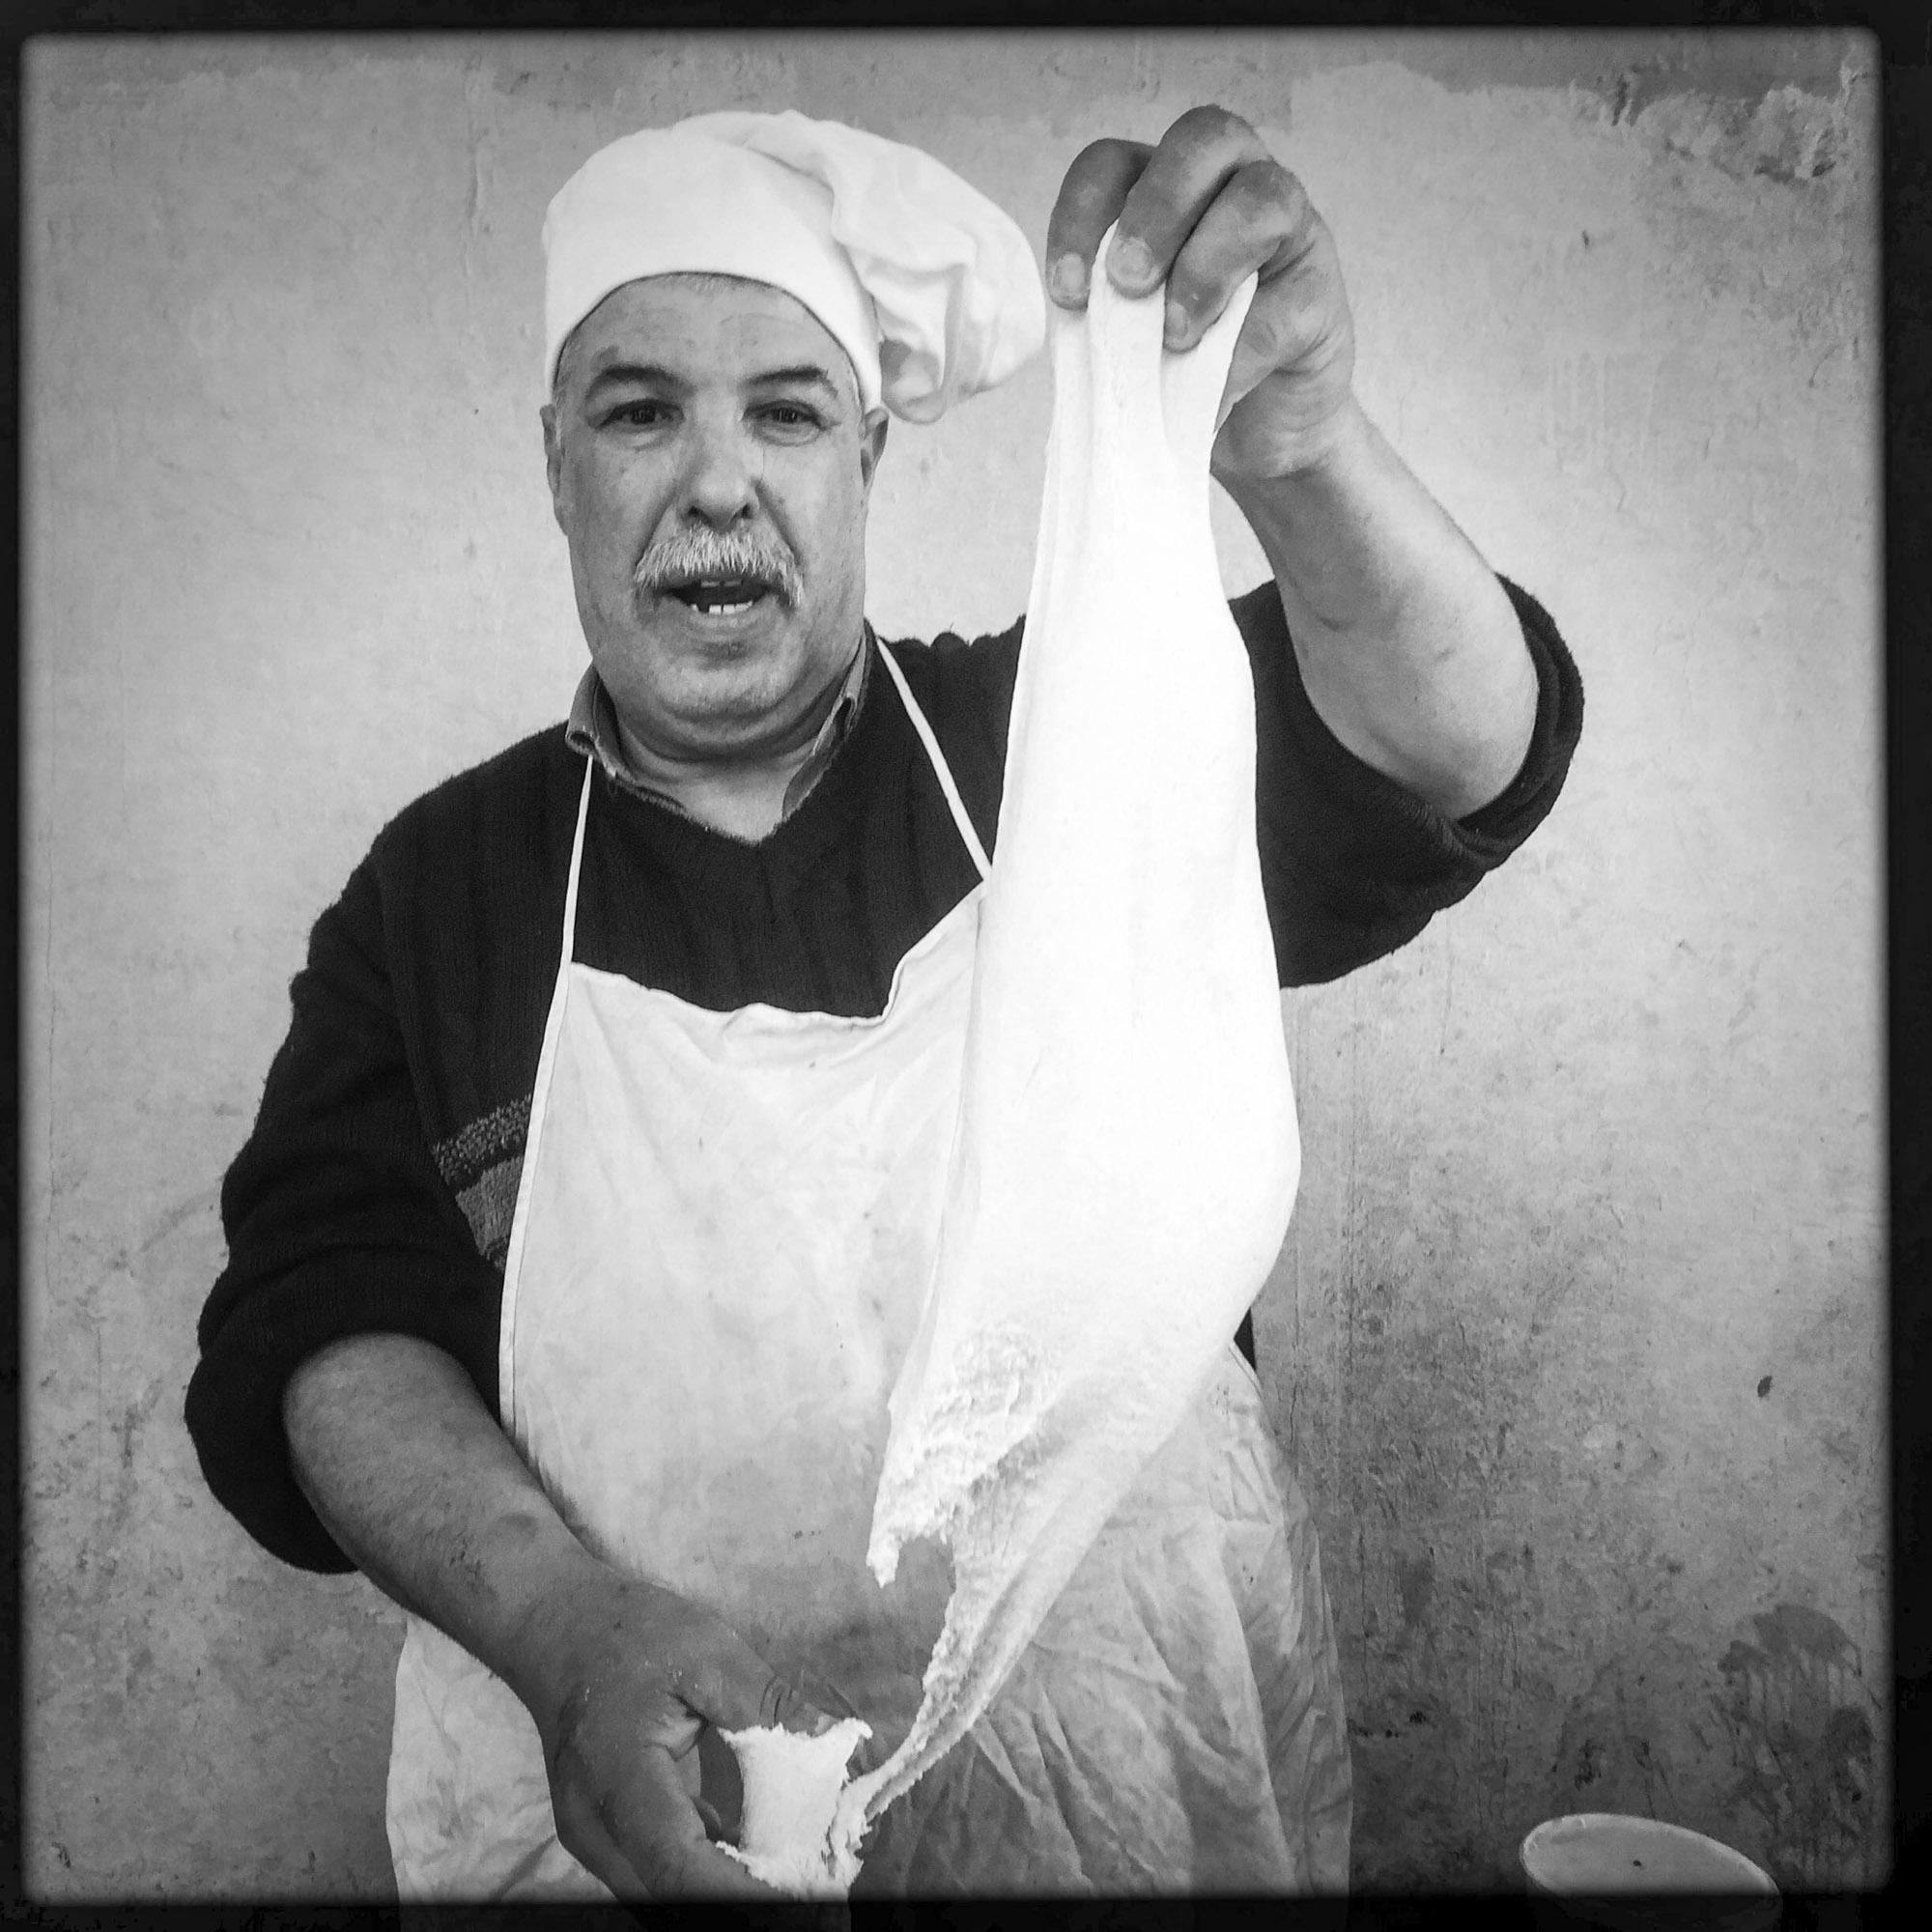 Mohamed, vend des galettes traditionelles sur le marché de la ville. 9/02/2016,Biskra- Algérie.